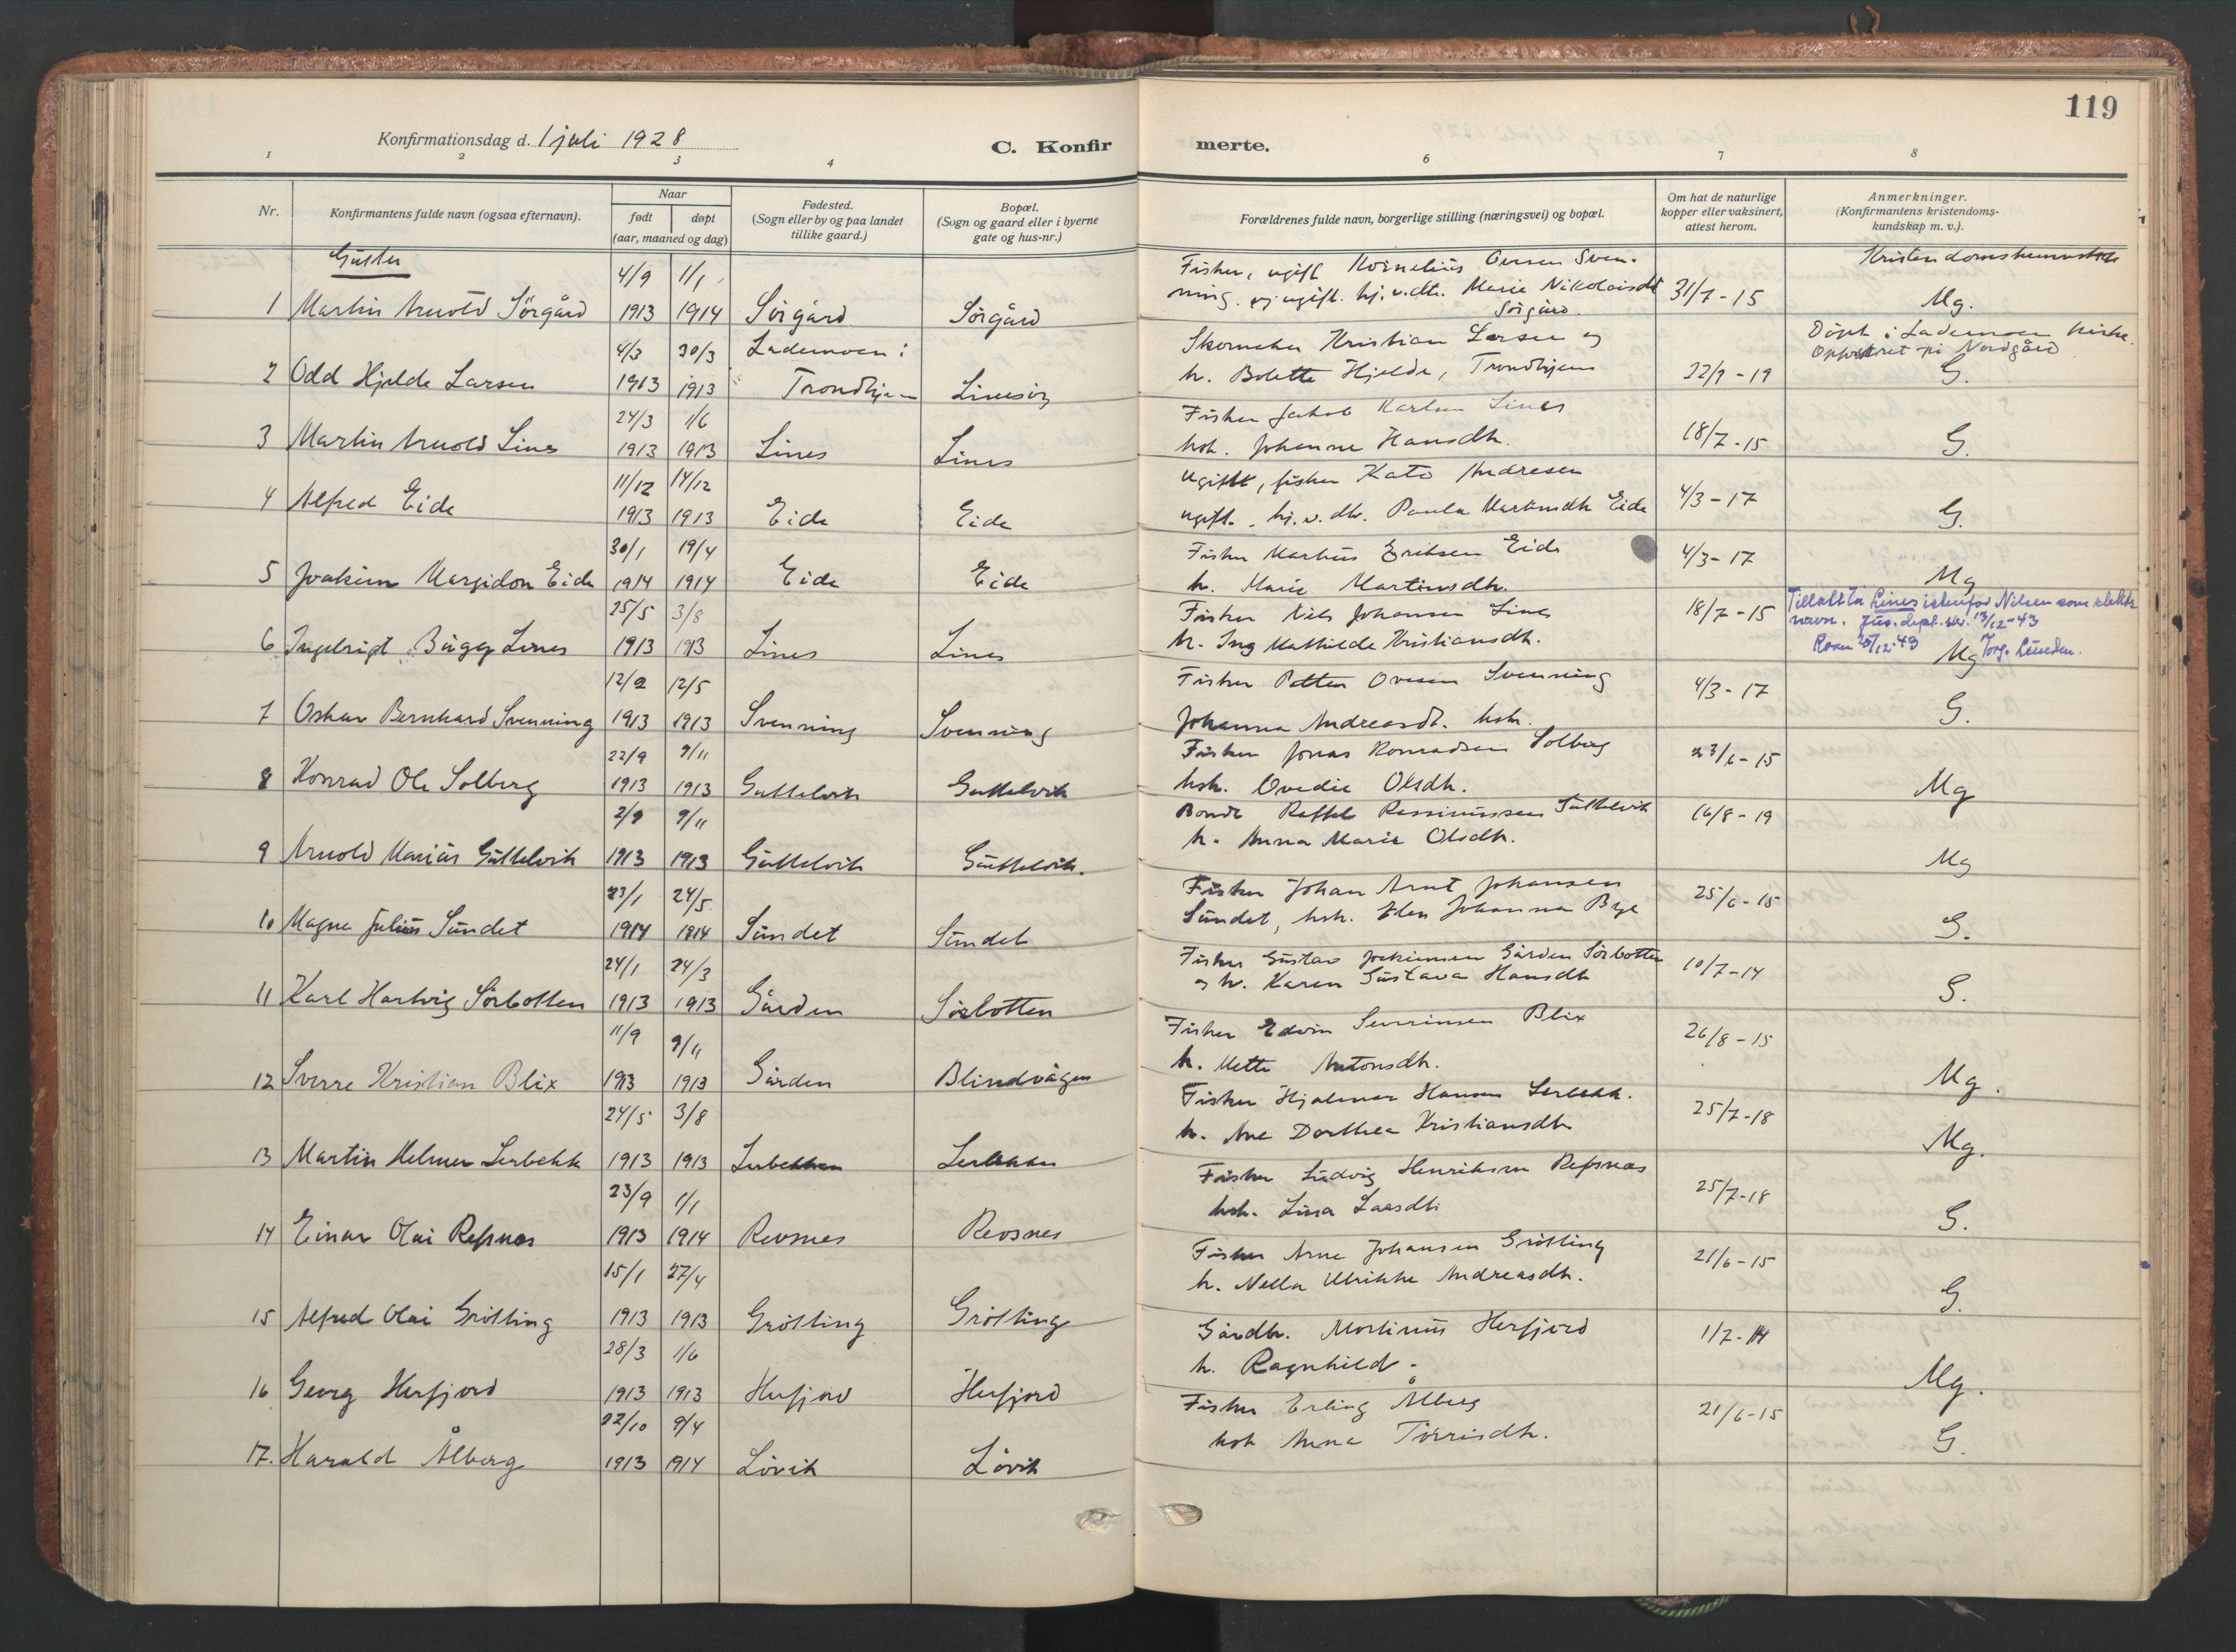 SAT, Ministerialprotokoller, klokkerbøker og fødselsregistre - Sør-Trøndelag, 656/L0694: Ministerialbok nr. 656A03, 1914-1931, s. 119